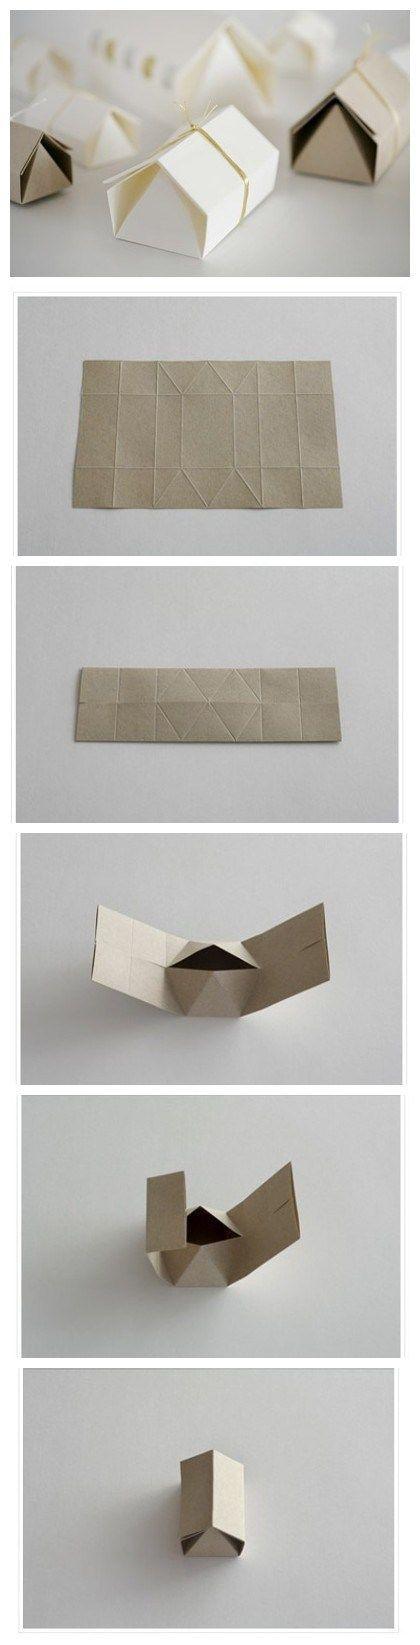 折成特殊造型的精緻包裝外盒